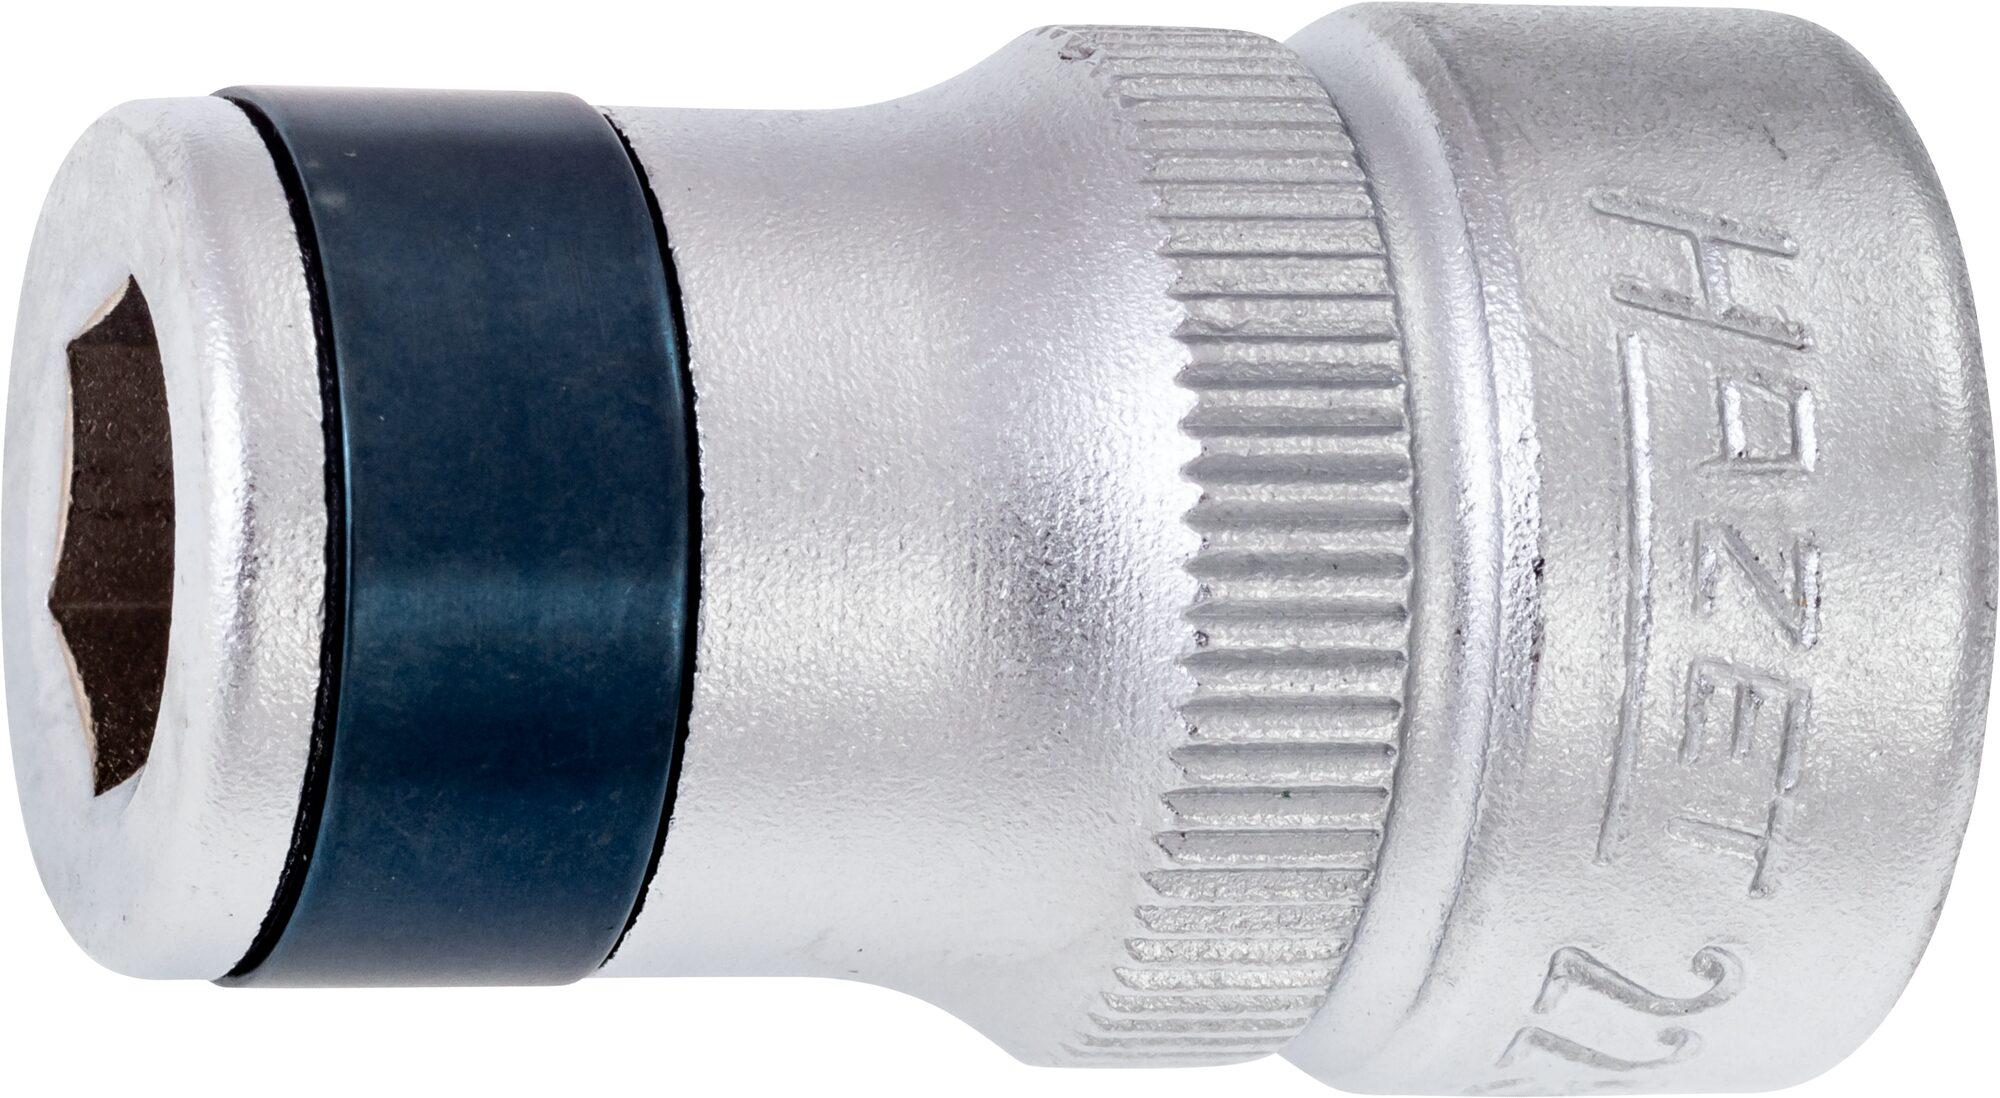 HAZET Adapter 2250-3 ∙ Vierkant hohl 10 mm (3/8 Zoll) ∙ Sechskant hohl 8 mm (5/16 Zoll)